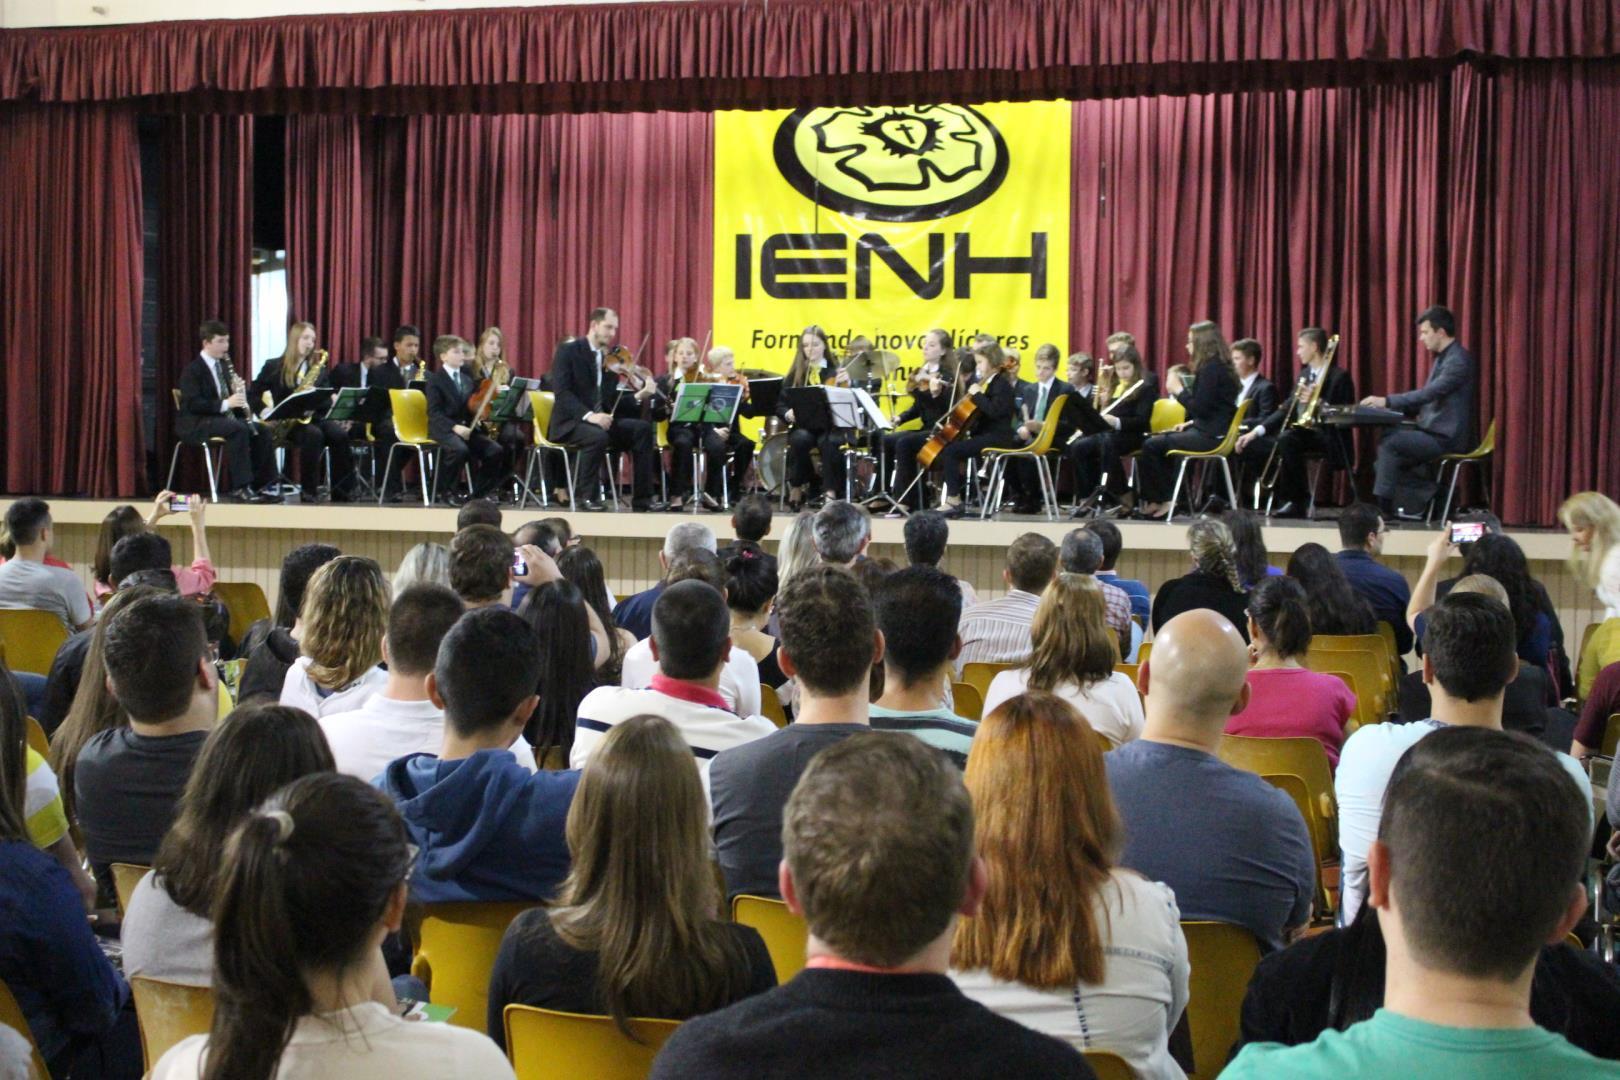 Faculdade IENH comemora 10 anos com concerto musical